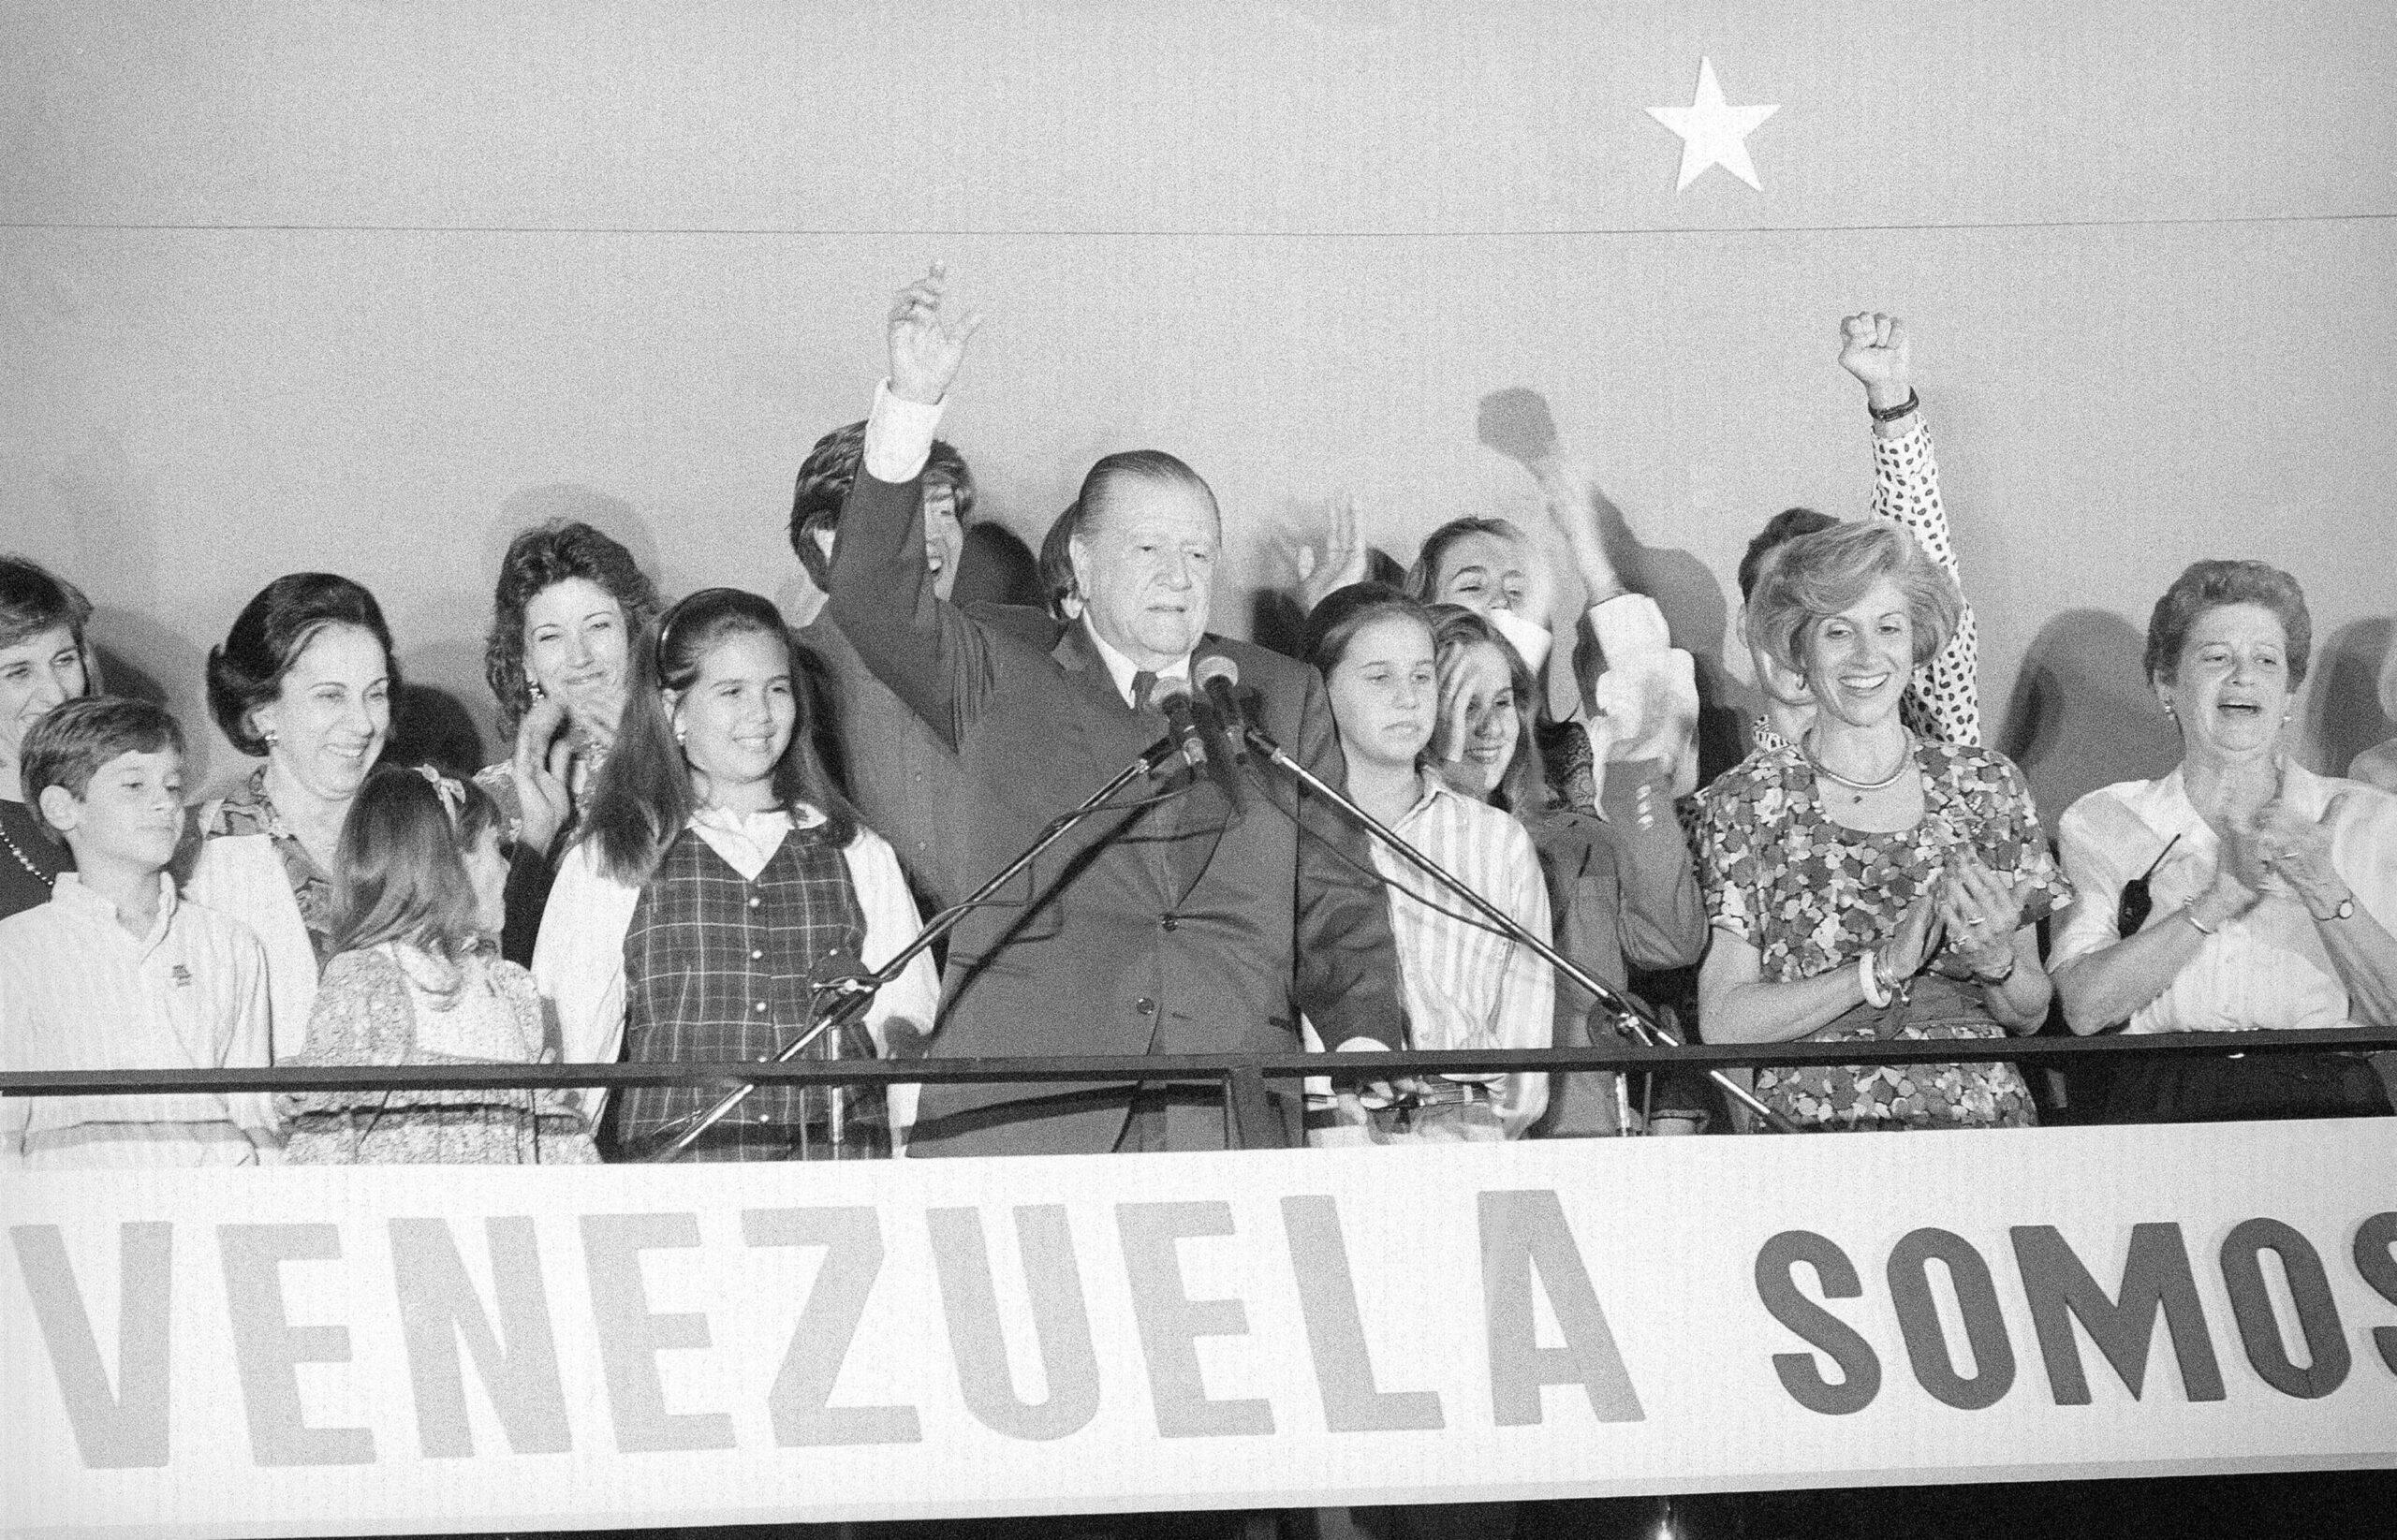 Rafael Caldera – Discurso de victoria en las elecciones presidenciales (1993)